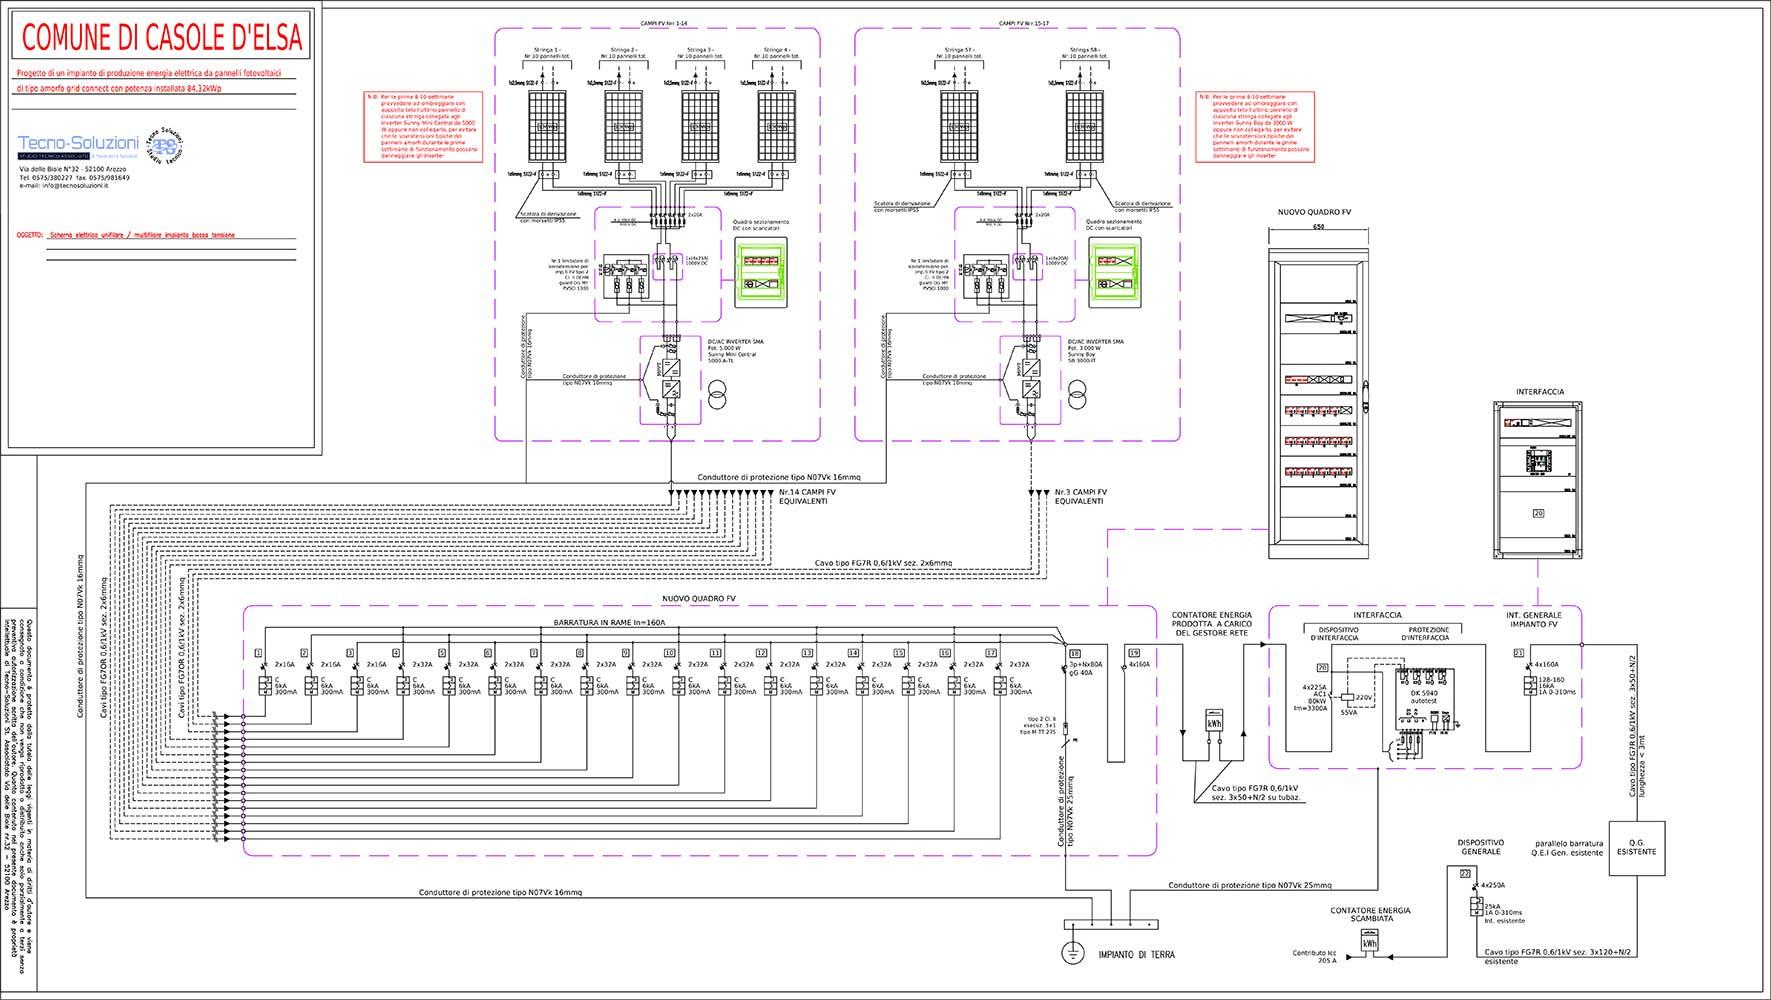 Schema Elettrico Unifilare Impianto Fotovoltaico 3 Kw : Impianto fotovoltaico da kw tecnosoluzioni arezzo